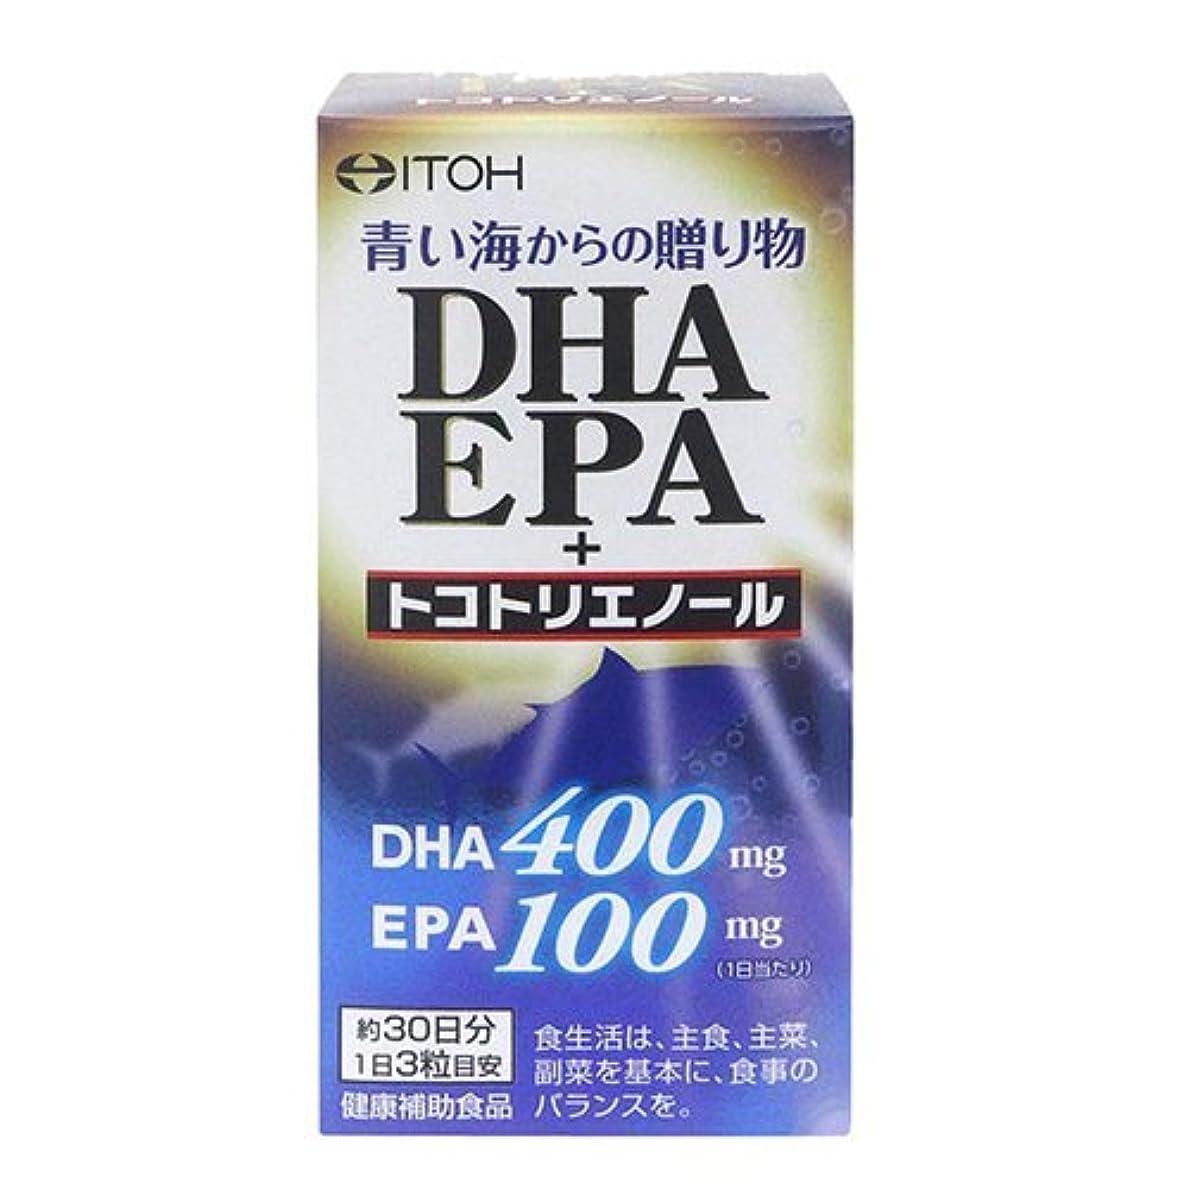 アイデアモニカトリクル井藤漢方製薬 DHA EPA+トコトリエノール 約30日分 90粒 Japan